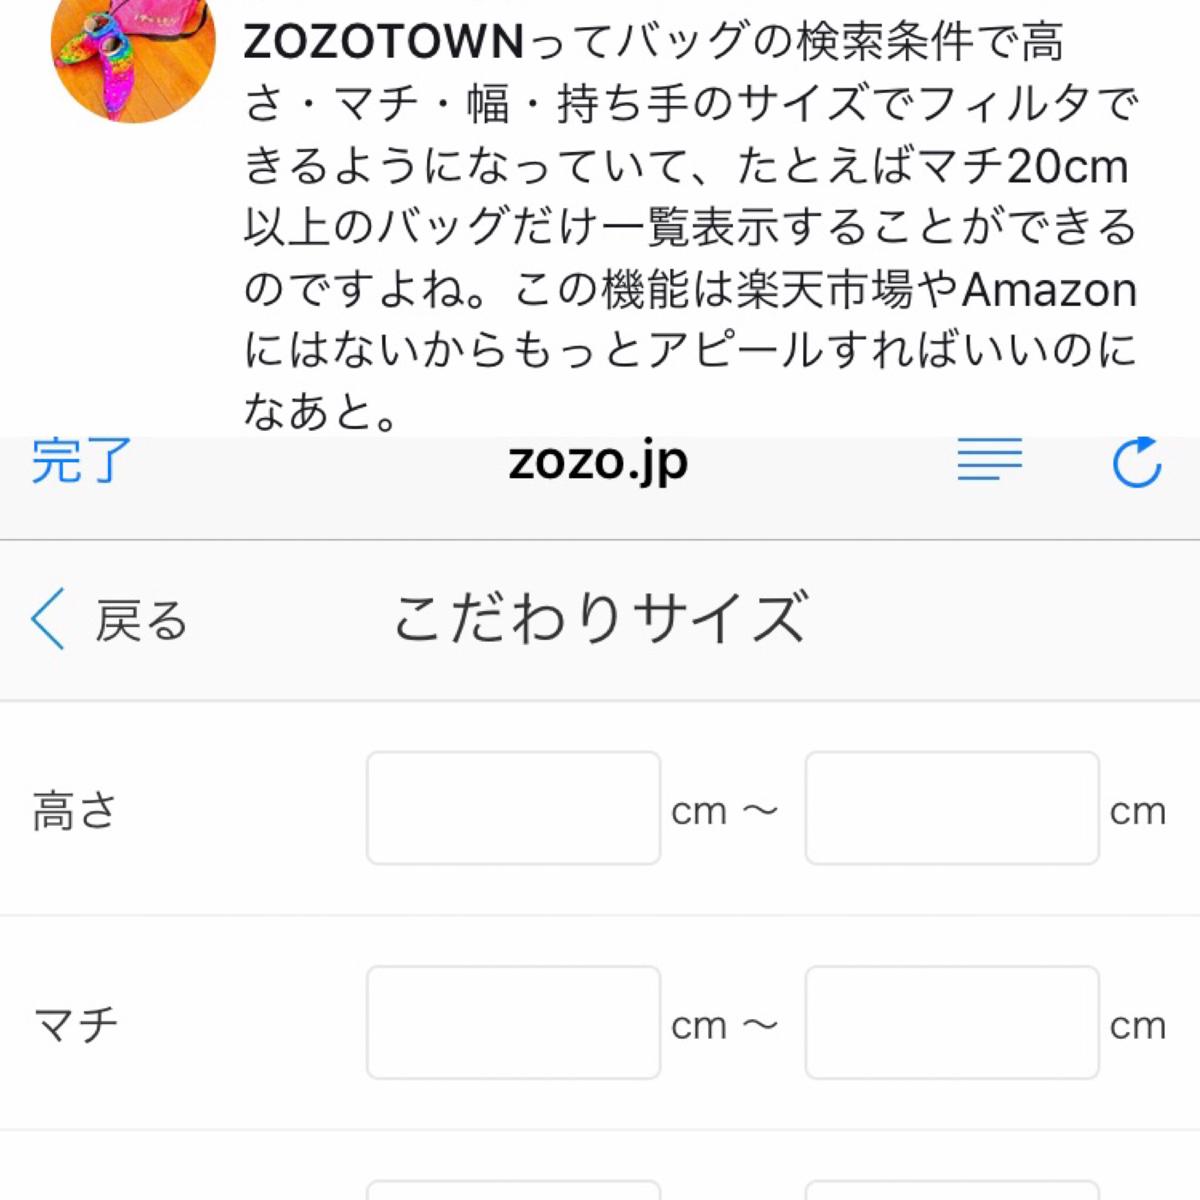 3092 - (株)ZOZO ほんまにお洋服やら音楽が好きな人が ZOZOに就職してはるから、今の需要に敏感で、かゆいところに手が